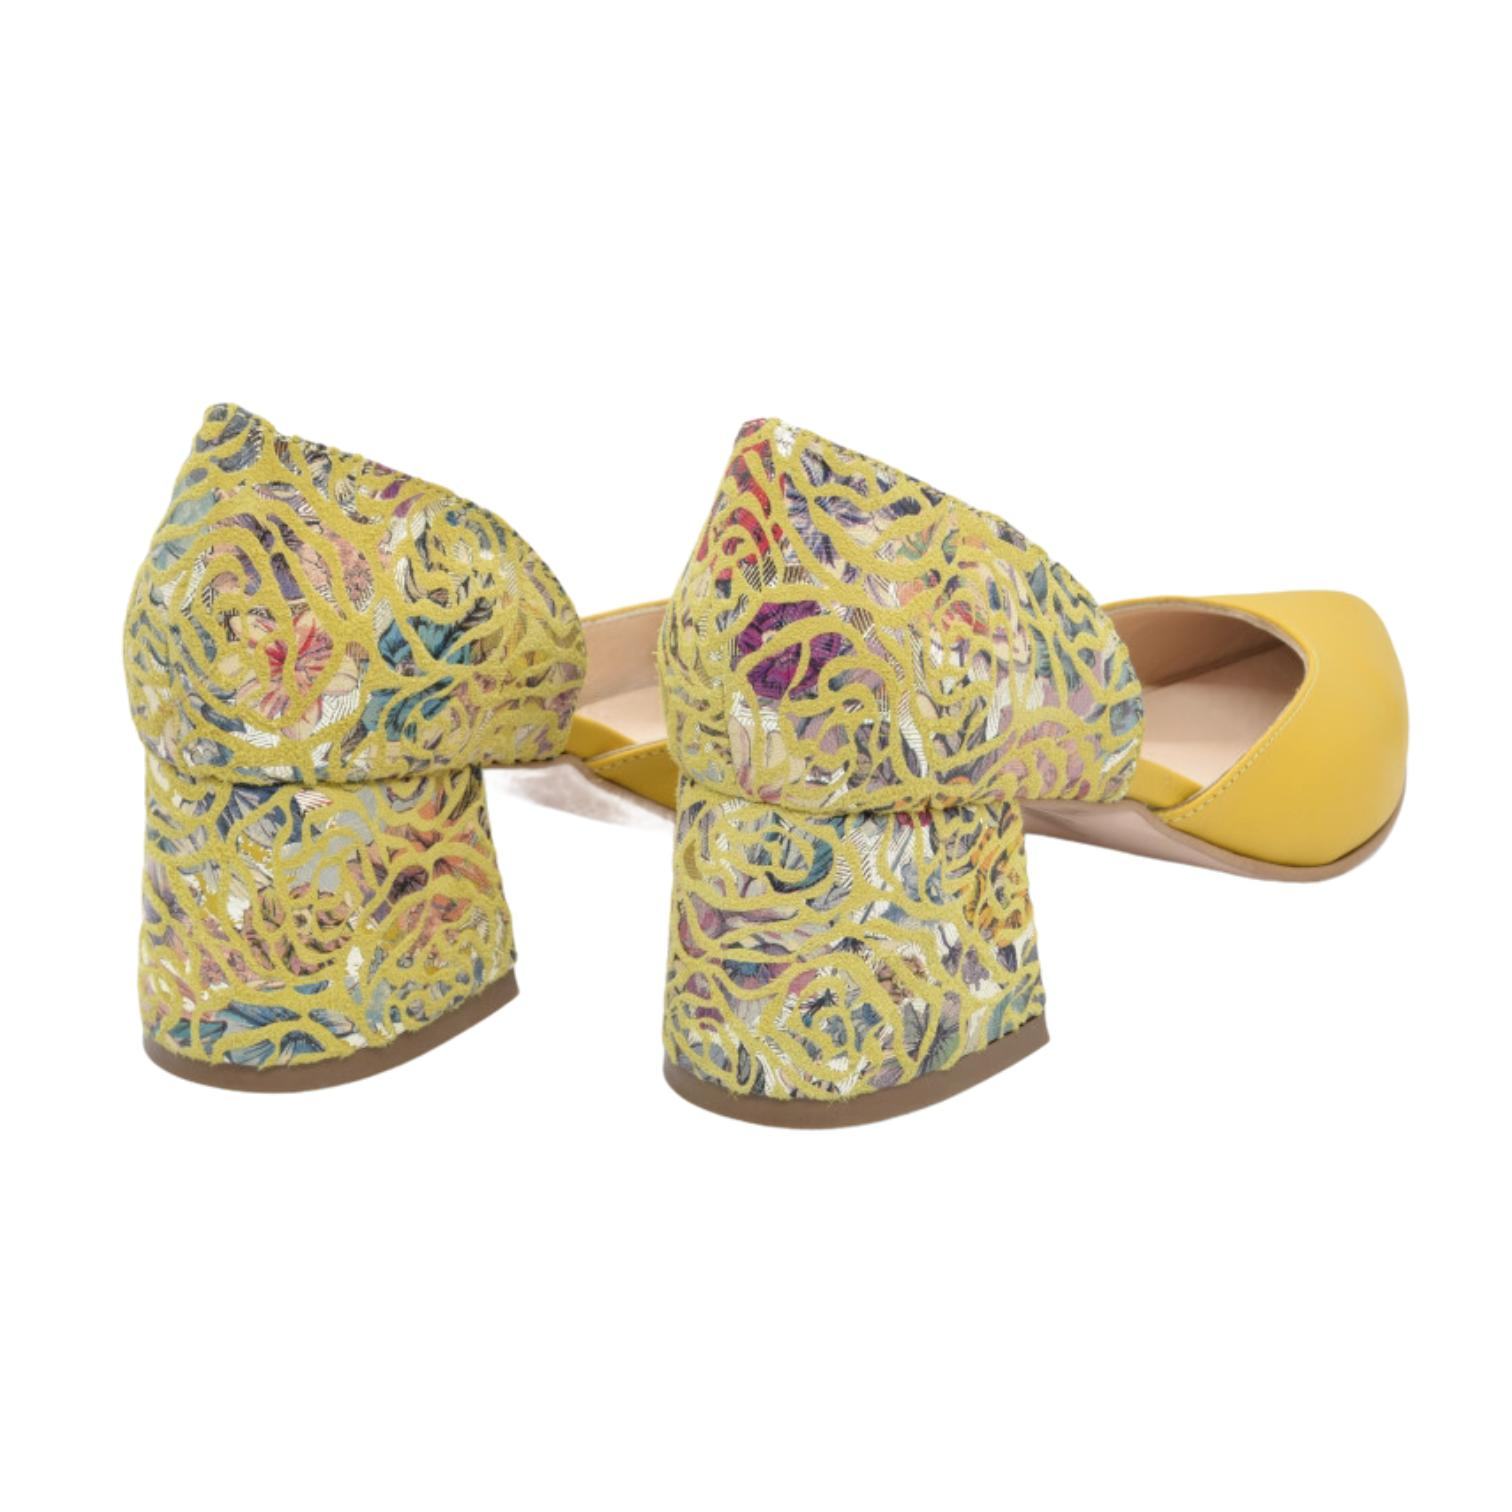 Pantofi galbeni cu imprimeu multicolor abstract